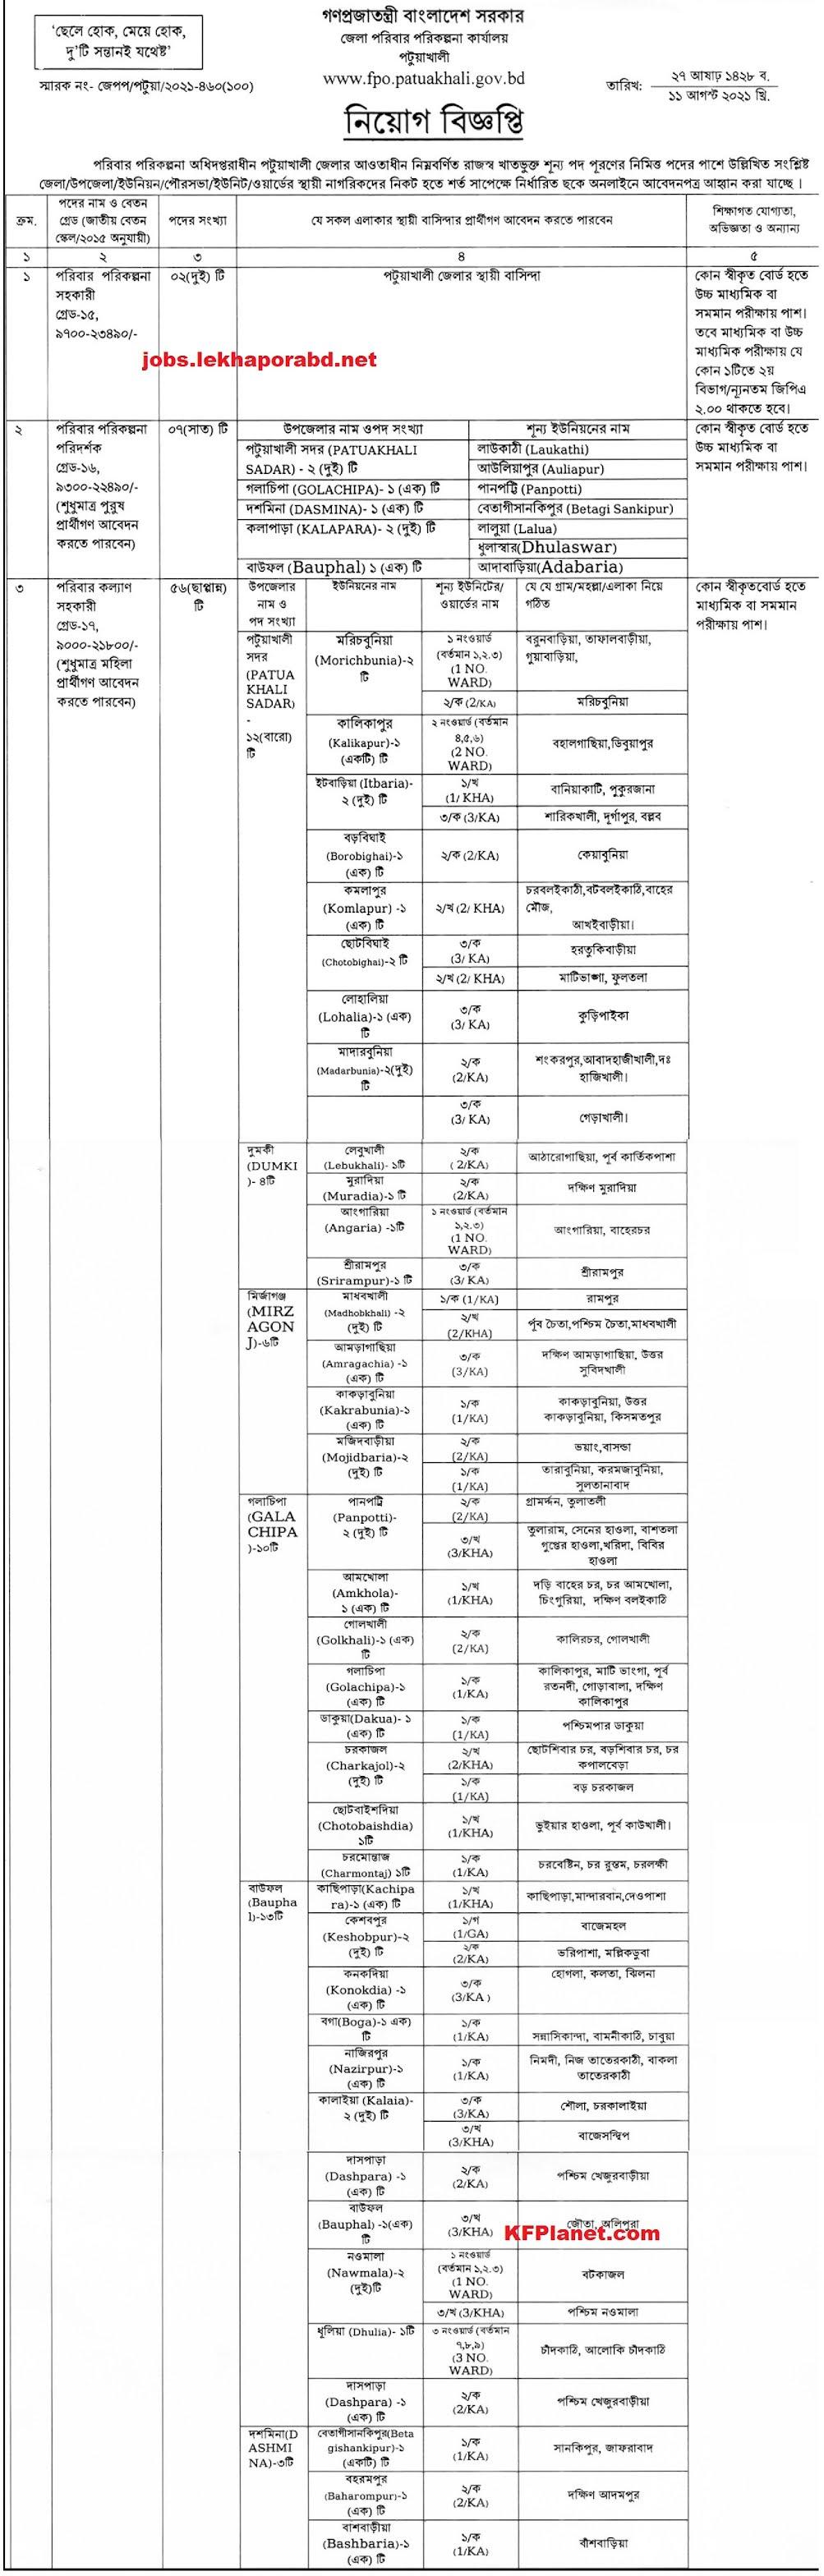 পটুয়াখালী জেলা পরিবার পরিকল্পনা নিয়োগ বিজ্ঞপ্তি ২০২১ - Patuakhali District poribar porikolpona job circular 2021 - স্বাস্থ্য ও পরিবার পরিকল্পনা অধিদপ্তরে নিয়োগ বিজ্ঞপ্তি ২০২১